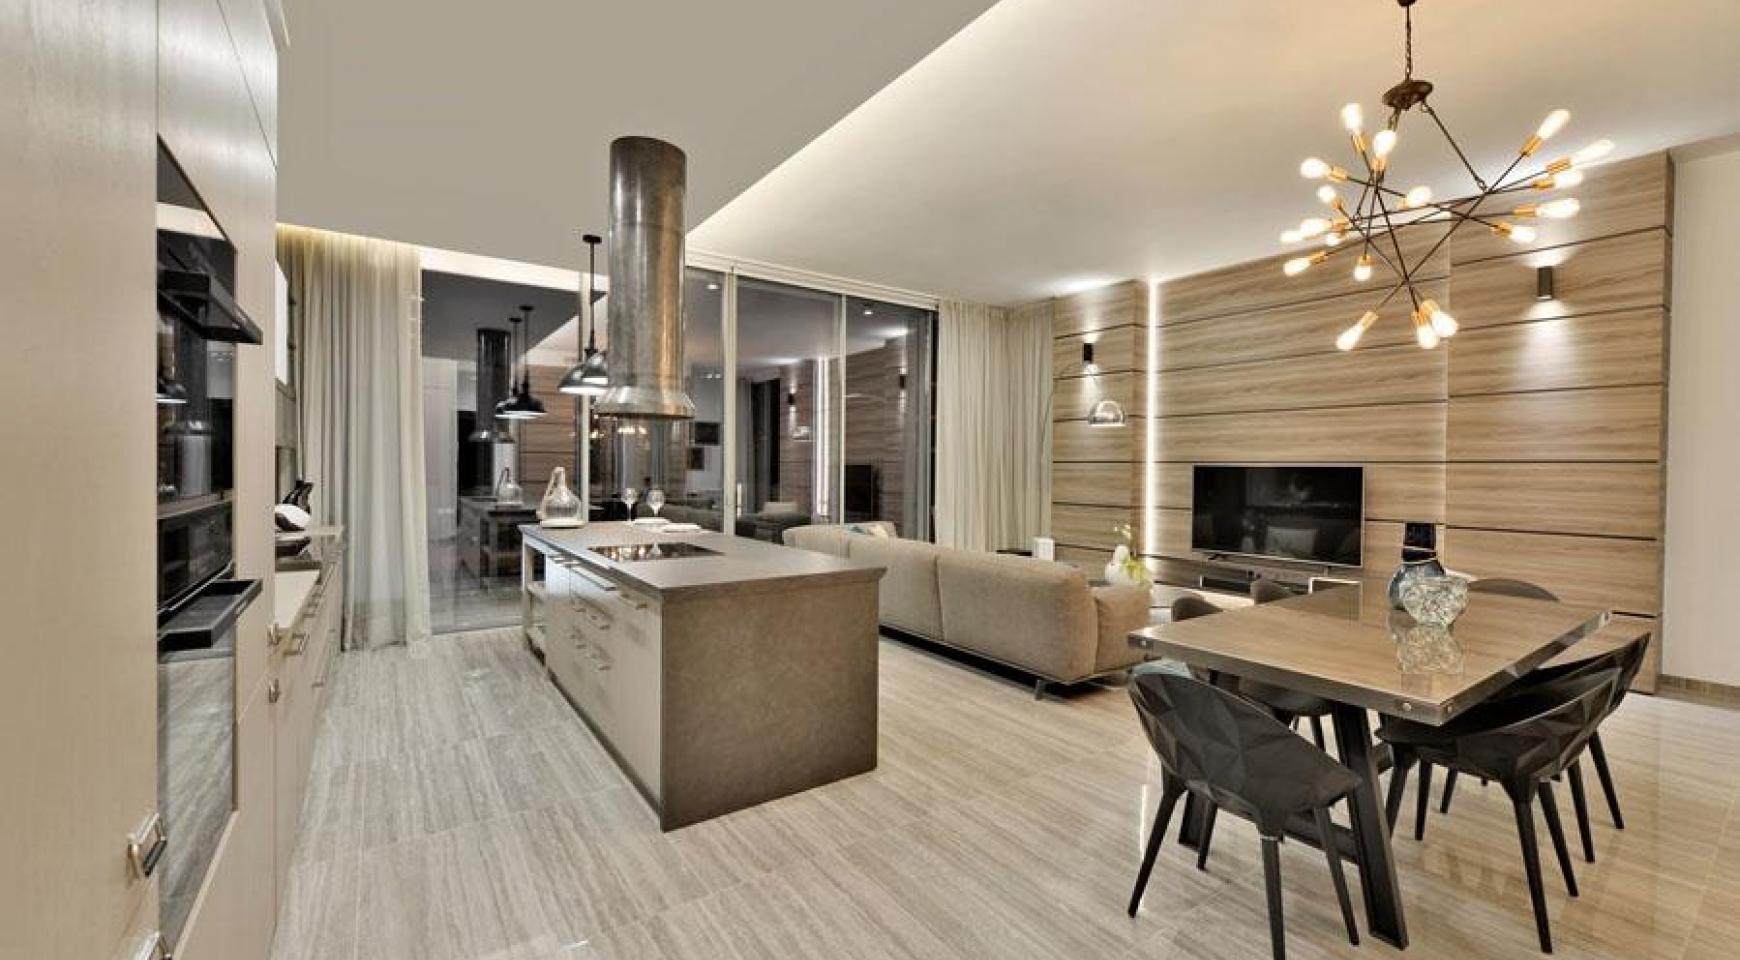 Πολυτελές διαμέρισμα 2 υπνοδωματίων με ταράτσα στο νεόδμητο συγκρότημα - 10